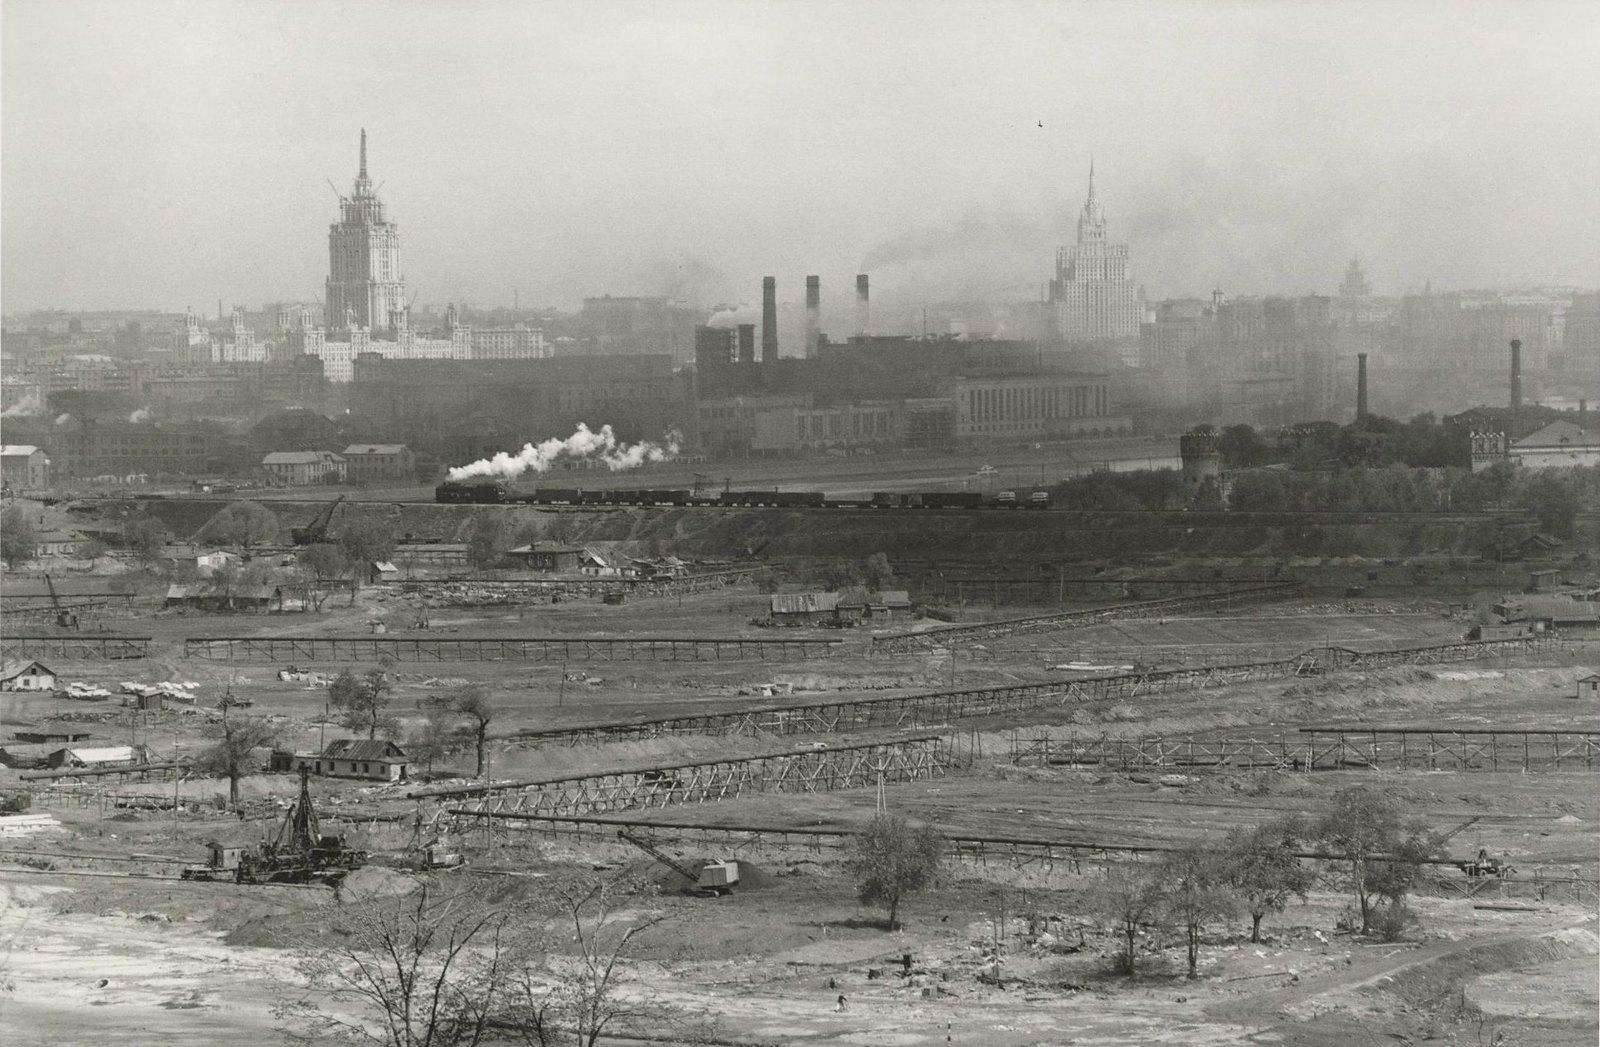 1954. Строительство спортивного комплекса в Лужниках. Окружная железная дорога